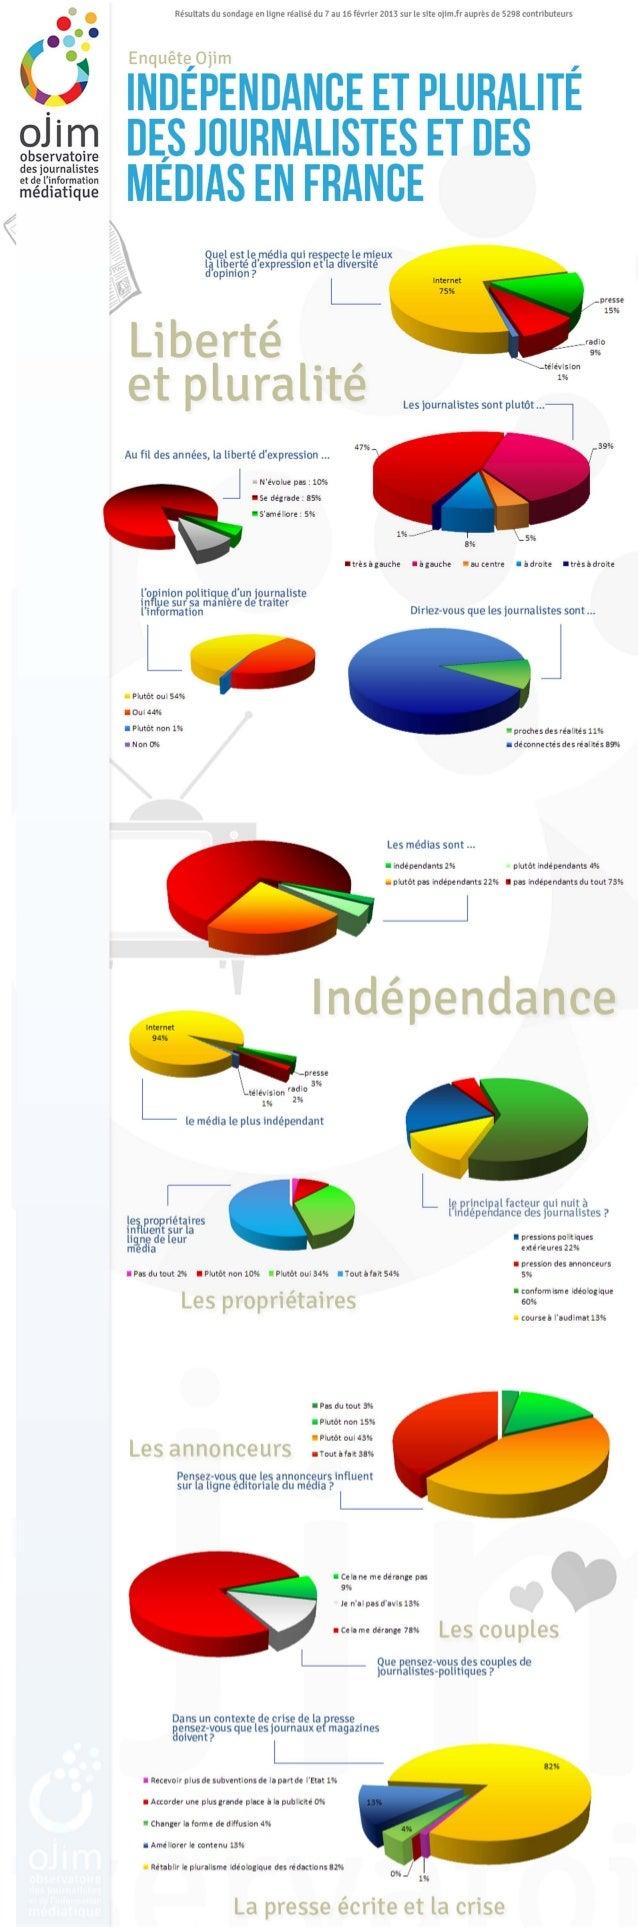 Indépendance et pluralité des médias : les résultats du sondage